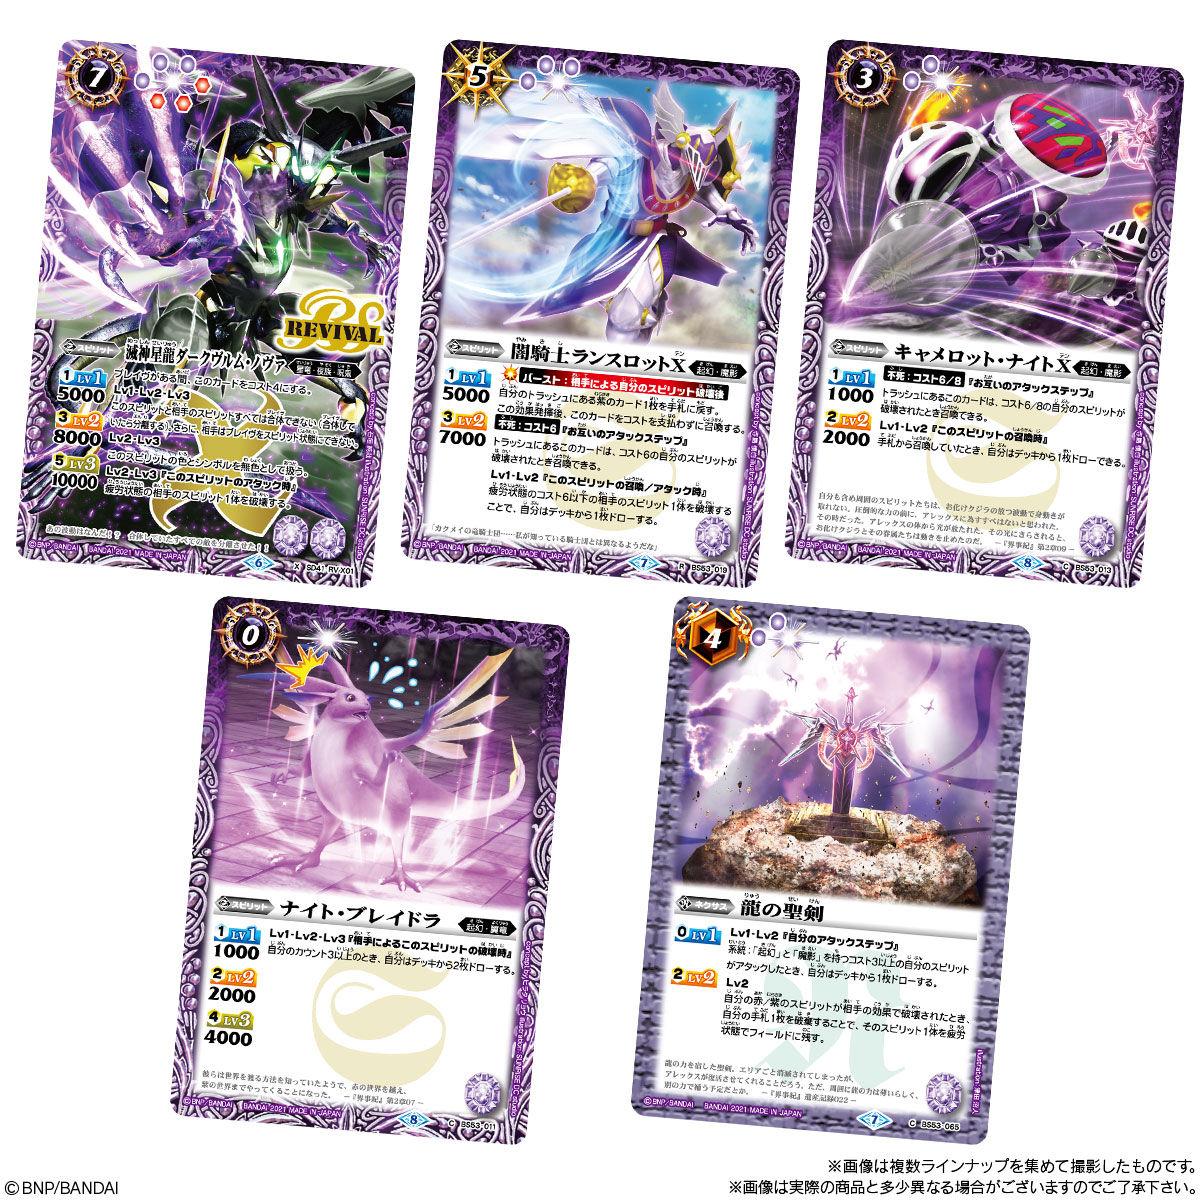 バトルスピリッツウエハース 紫翠の刃旋風_3